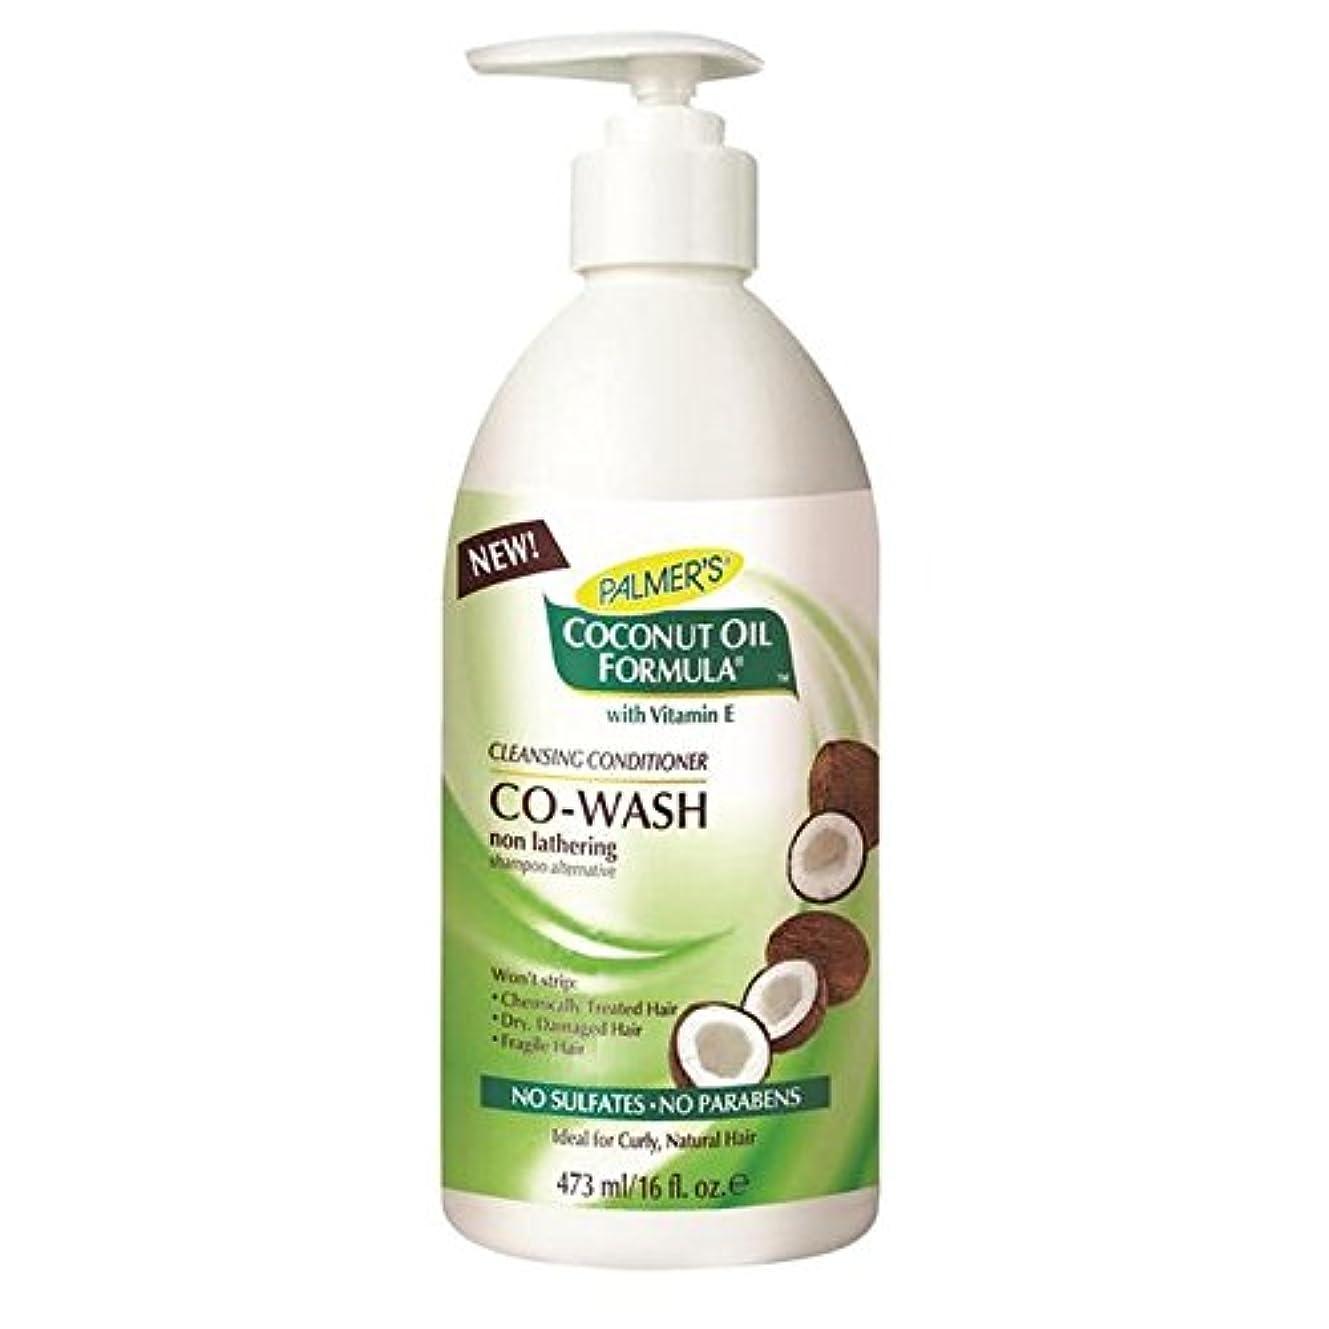 アカデミー王女アルコーブPalmer's Coconut Formula Co-Wash Cleansing Conditioner, Shampoo Alternative 473ml (Pack of 6) - パーマーのココナッツ式コウォッシュクレンジングコンディショナー、シャンプー代替473ミリリットル x6 [並行輸入品]